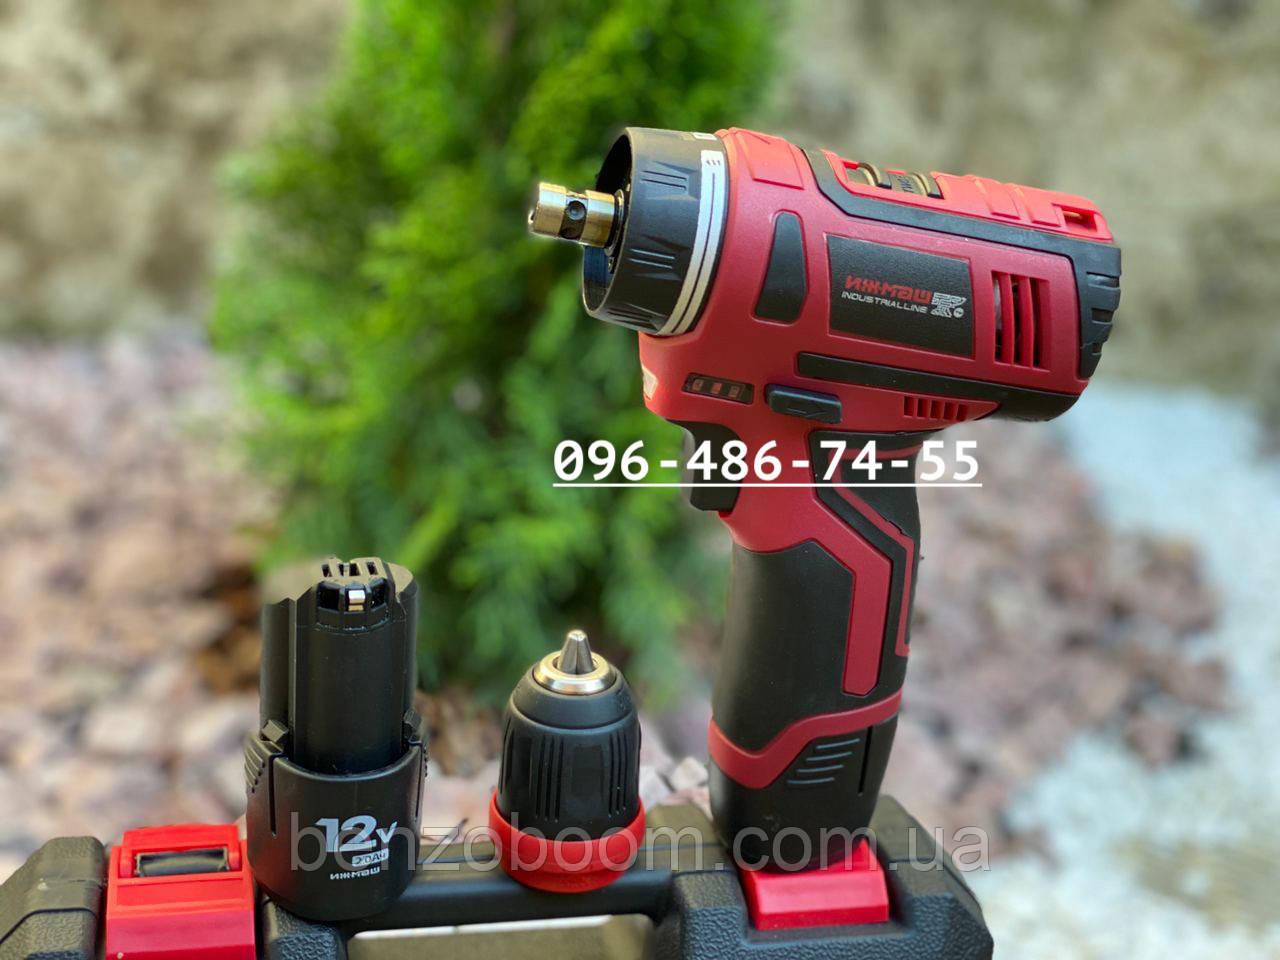 Шуруповерт аккумуляторный Ижмаш Industrialline ICD-12DFR 12 вольт